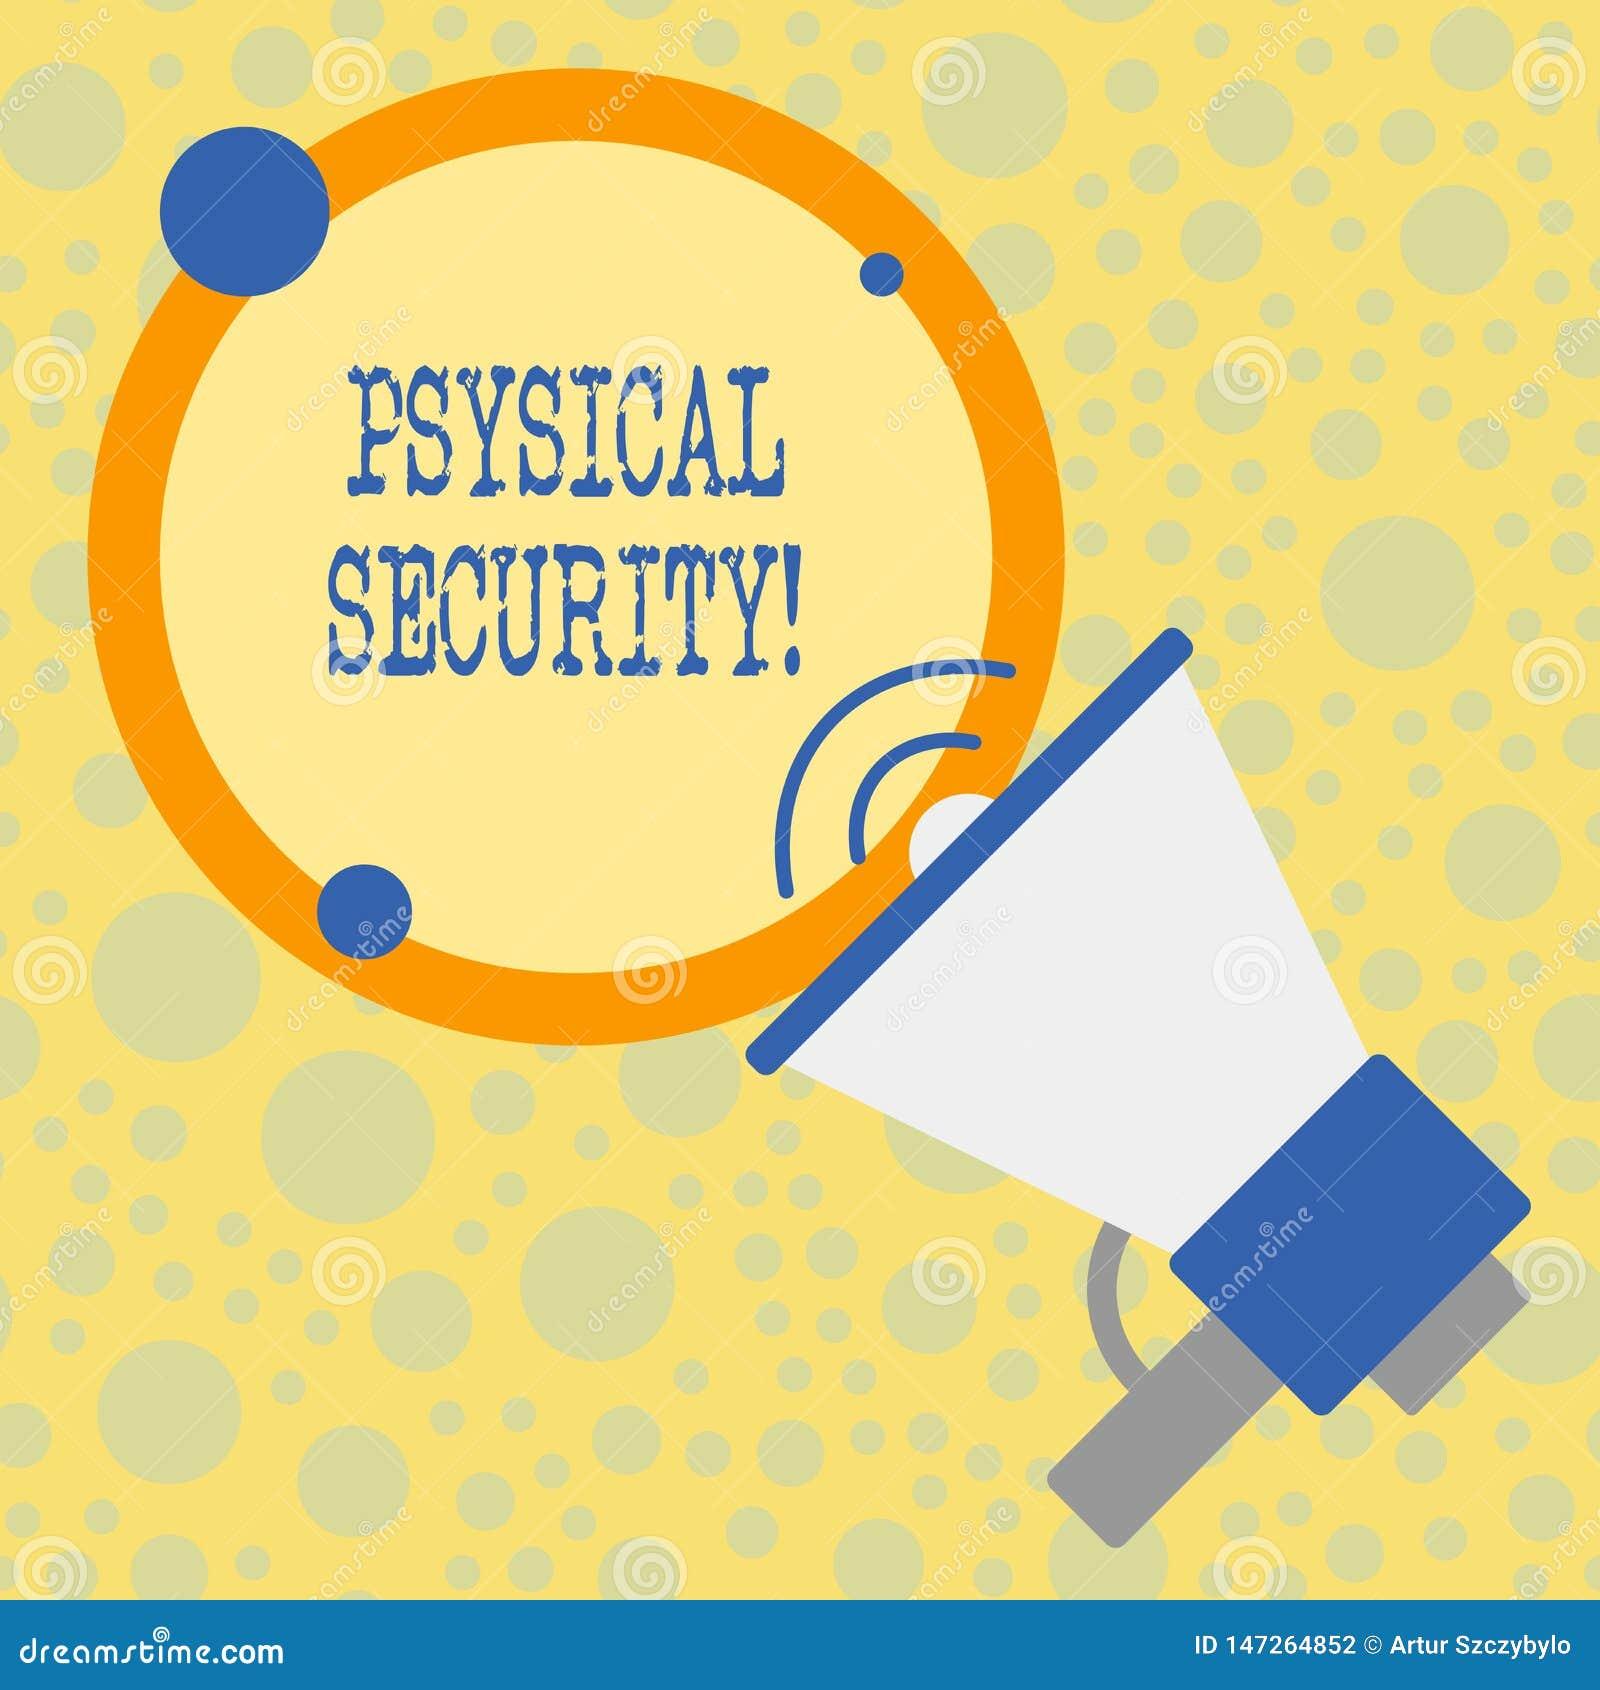 Textzeichen, das k?rperliche Sicherheit zeigt Begriffsfoto entworfen, um unberechtigten Zugriff zu den Anlagen zu verweigern